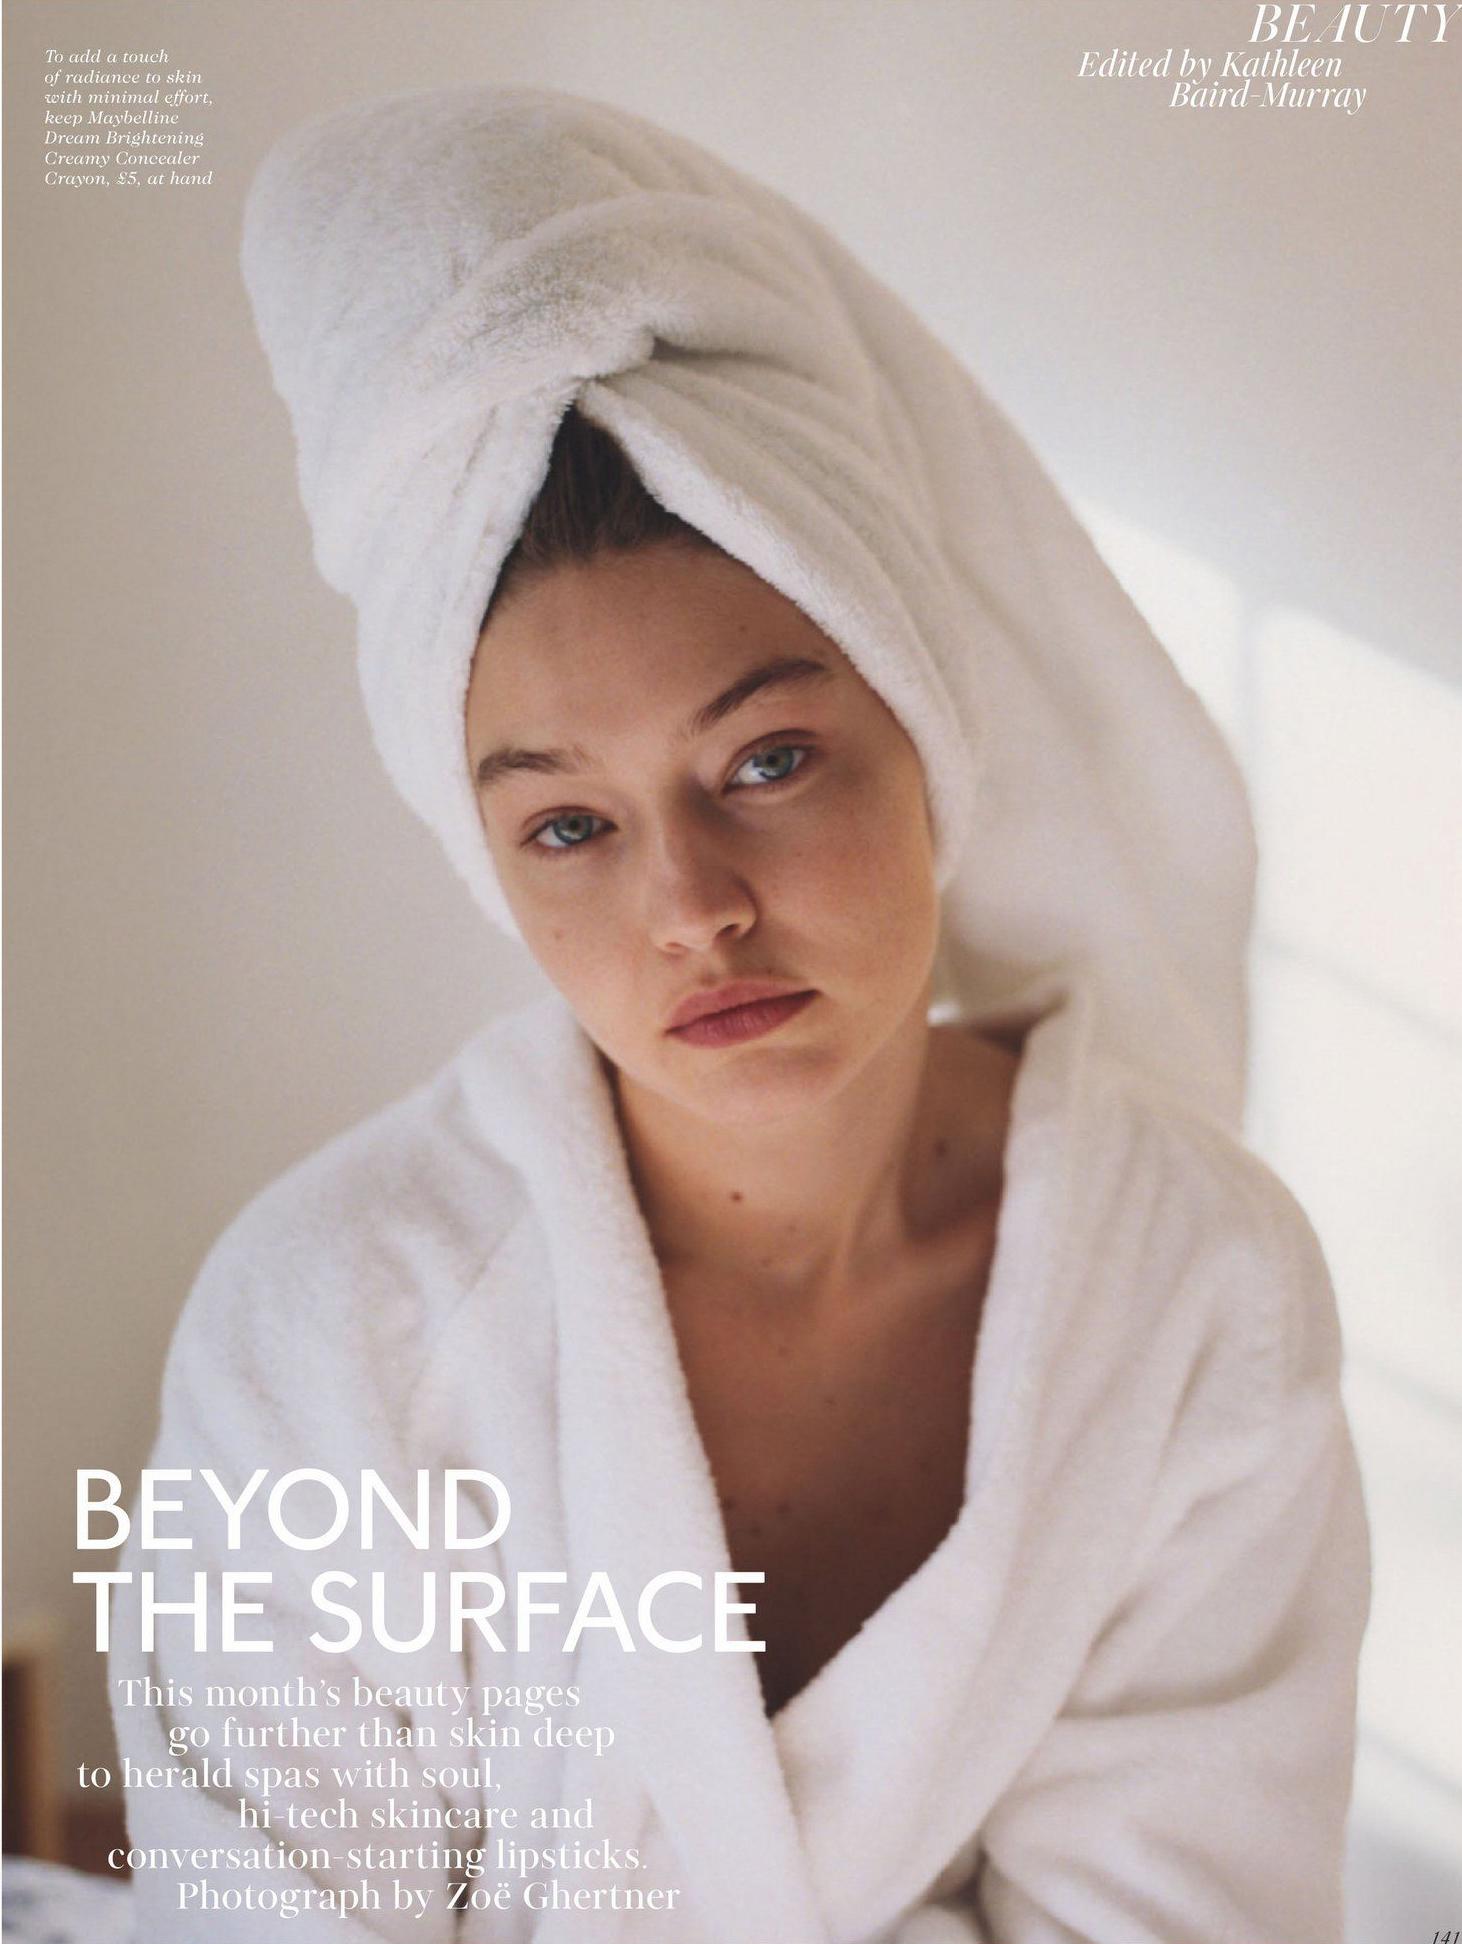 Gigi Hadid từng chia sẻ với Vogue cô thường xuyên dùng sữa rửa mặt của Tata Harper kể khi làm mẹ để đảm bảo an toàn cho em bé. Ảnh: Beauty.